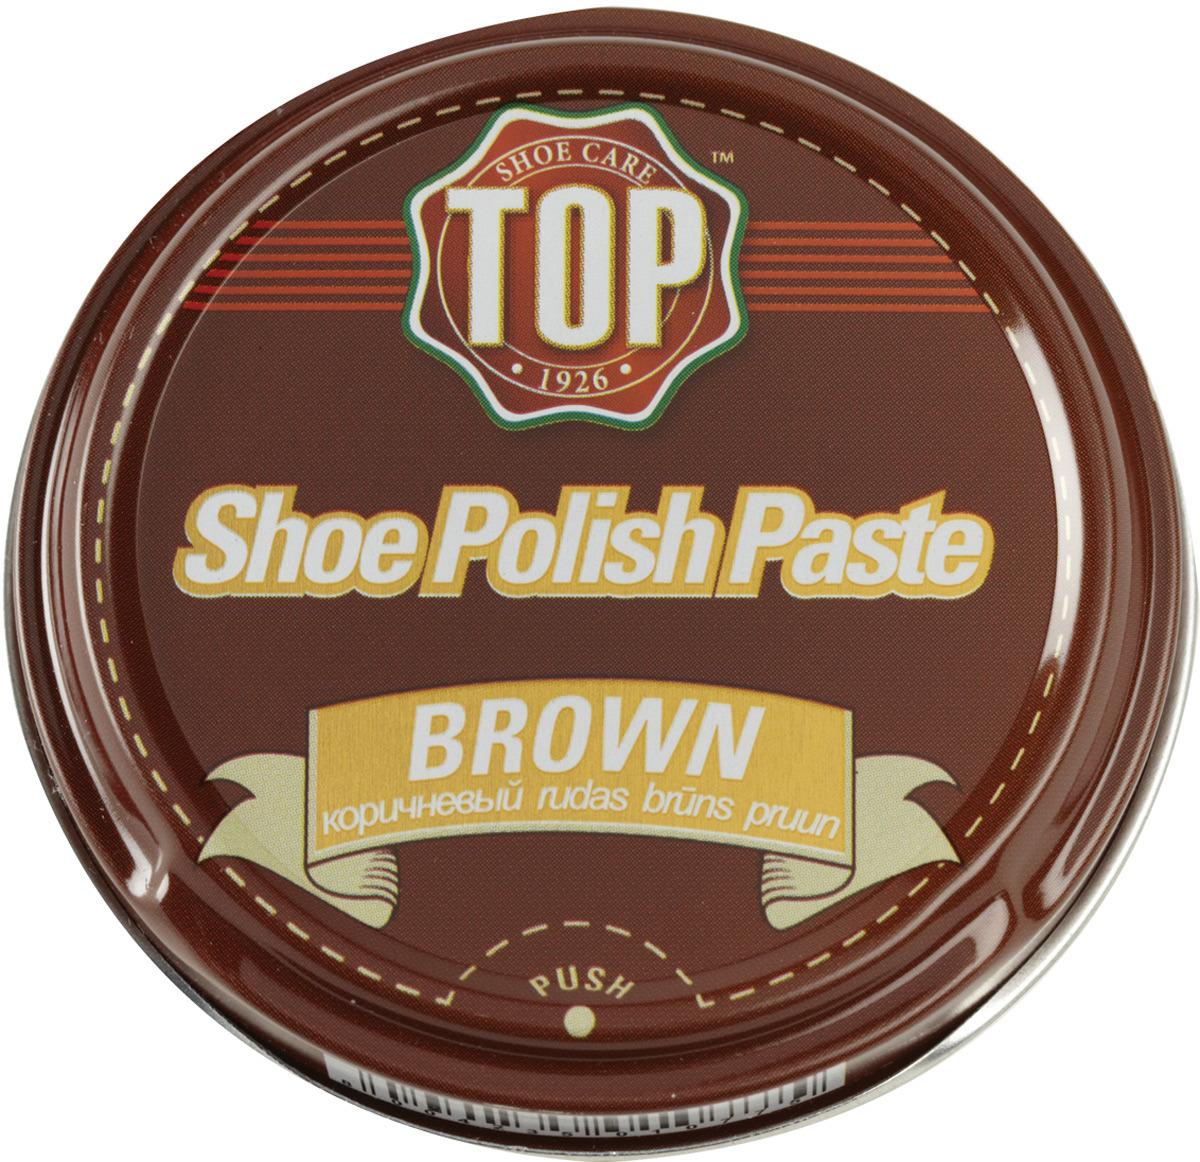 Крем для обуви TOP, цвет: коричневый, 50 мл крем для обуви эффектон макси цвет коричневый 100 мл